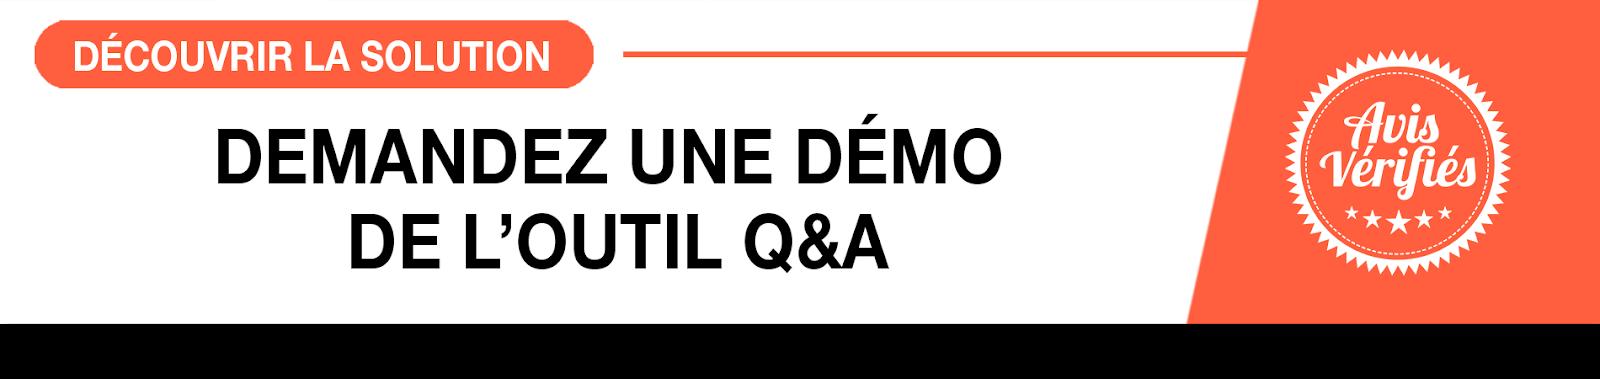 Découvrez l'outil Q&A